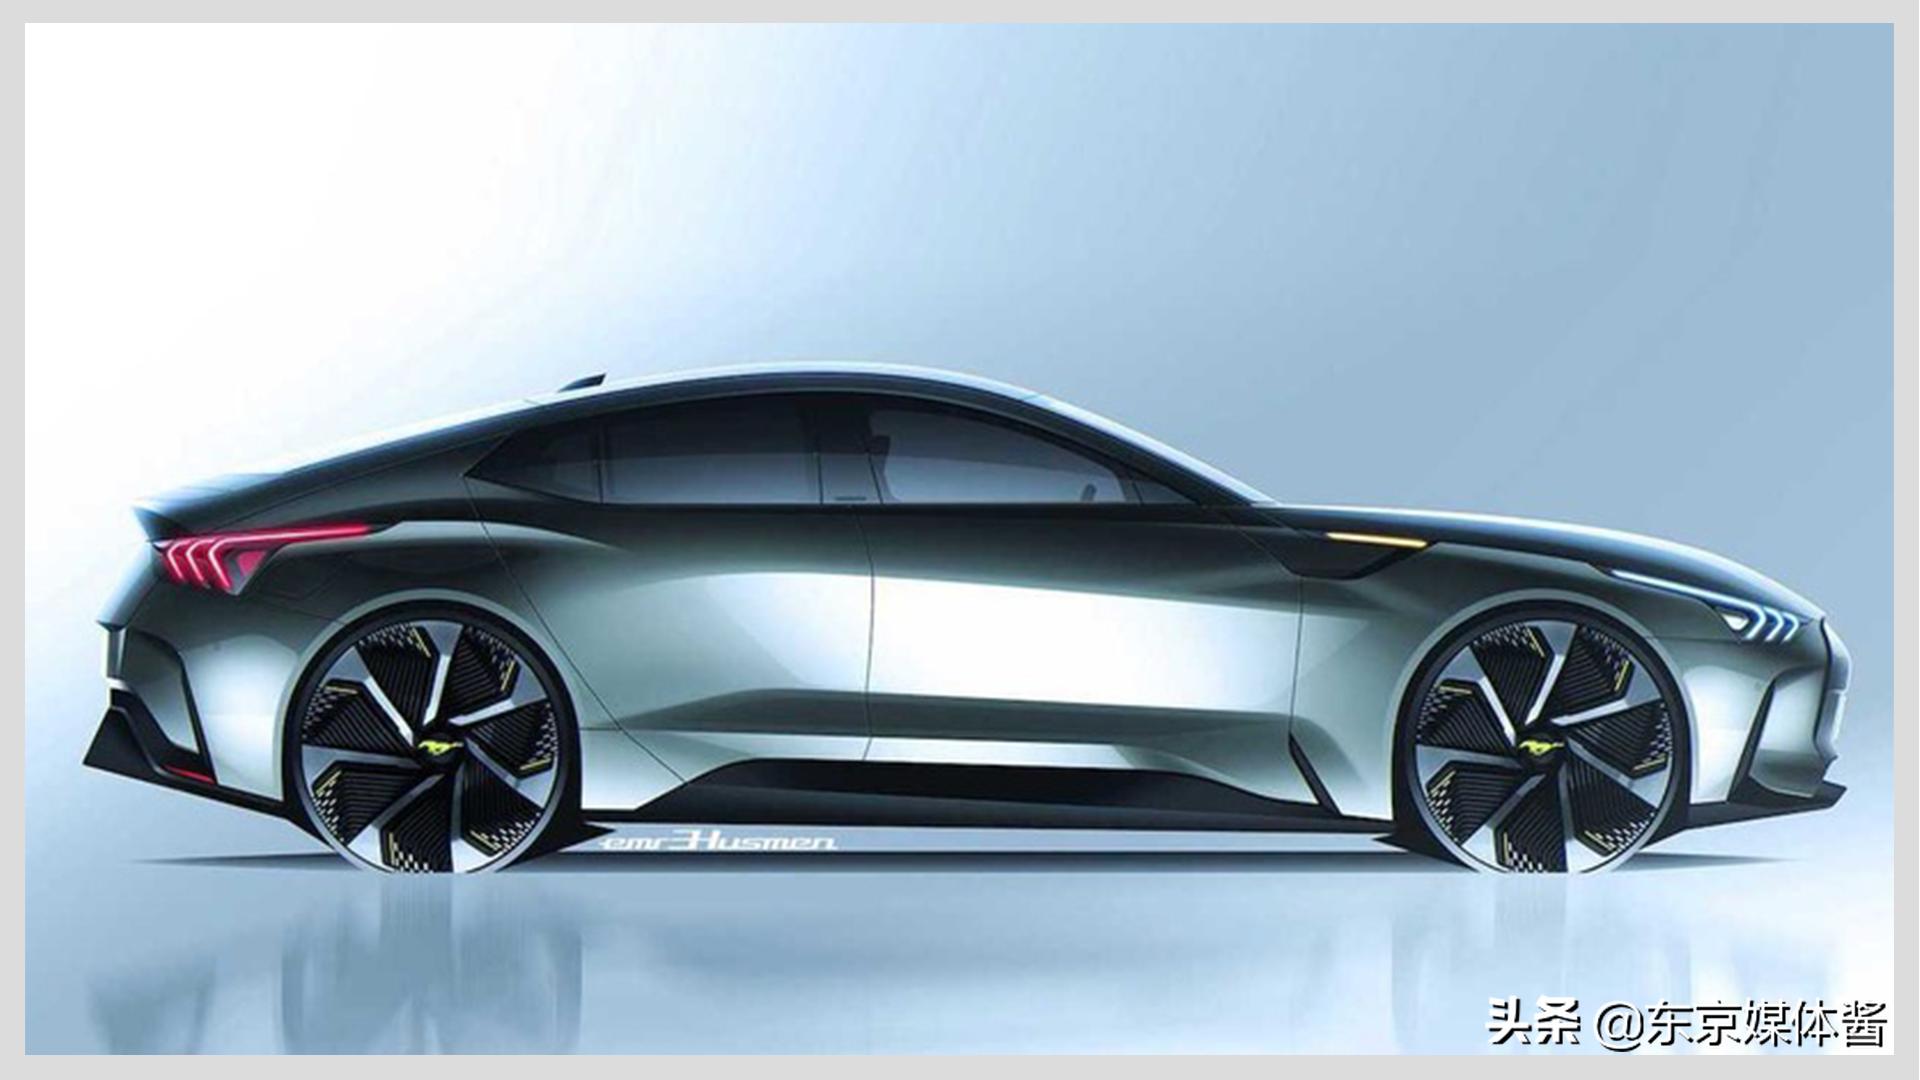 福特野马「Mach F」计划.有望可以看到5门掀背EV车型